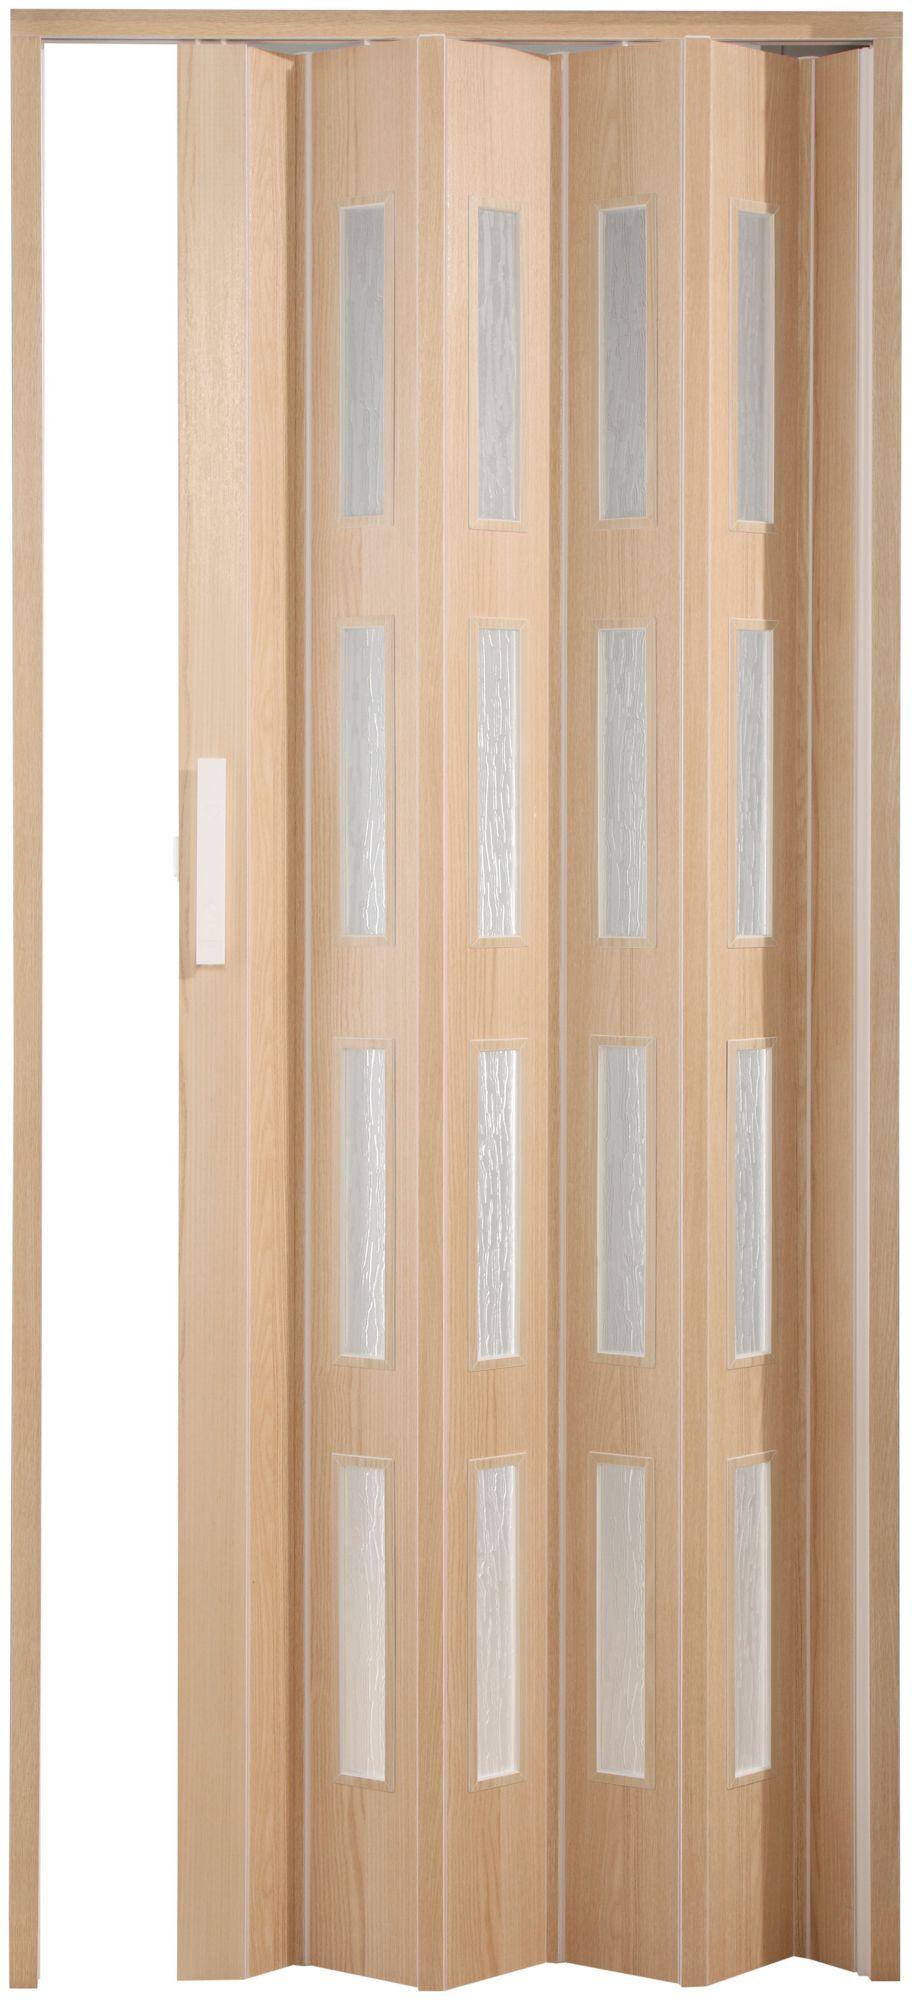 FORTE  Kunststoff-Falttür »Luciana«, esche holz, mit 4 Fenstern in Riffelstruktur